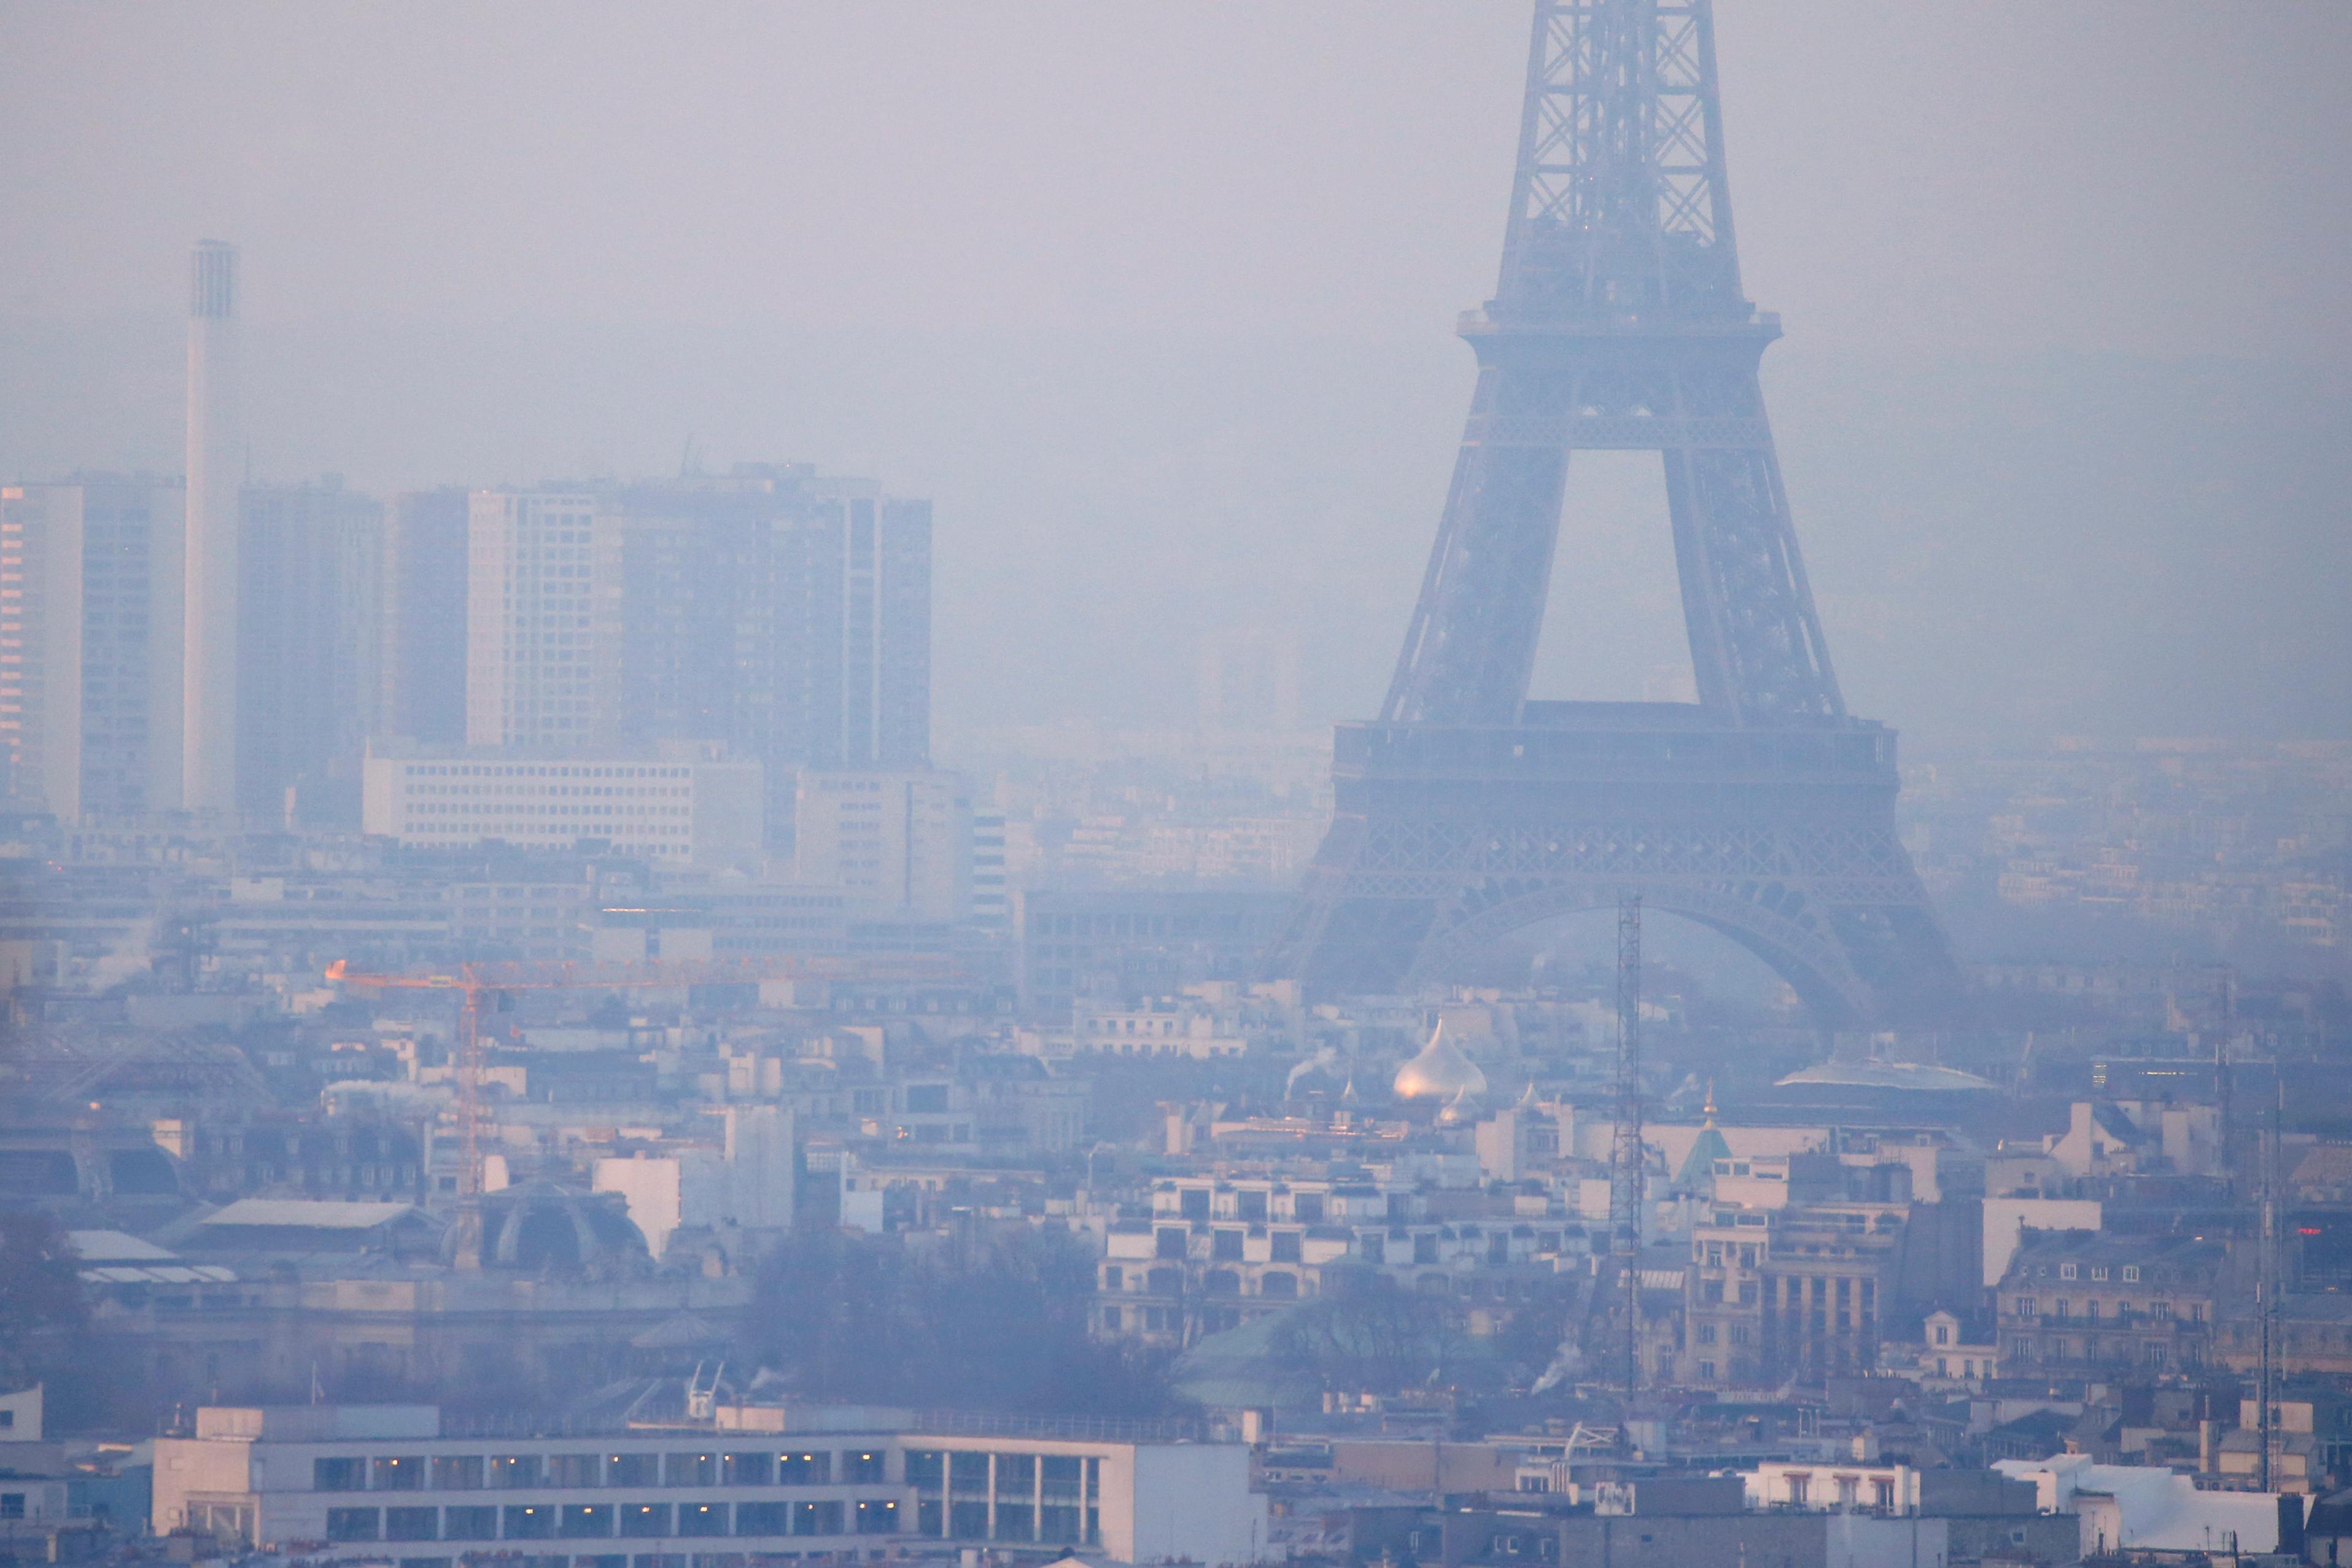 En France aussi, le confinement a un impact positif sur la pollution de l'air